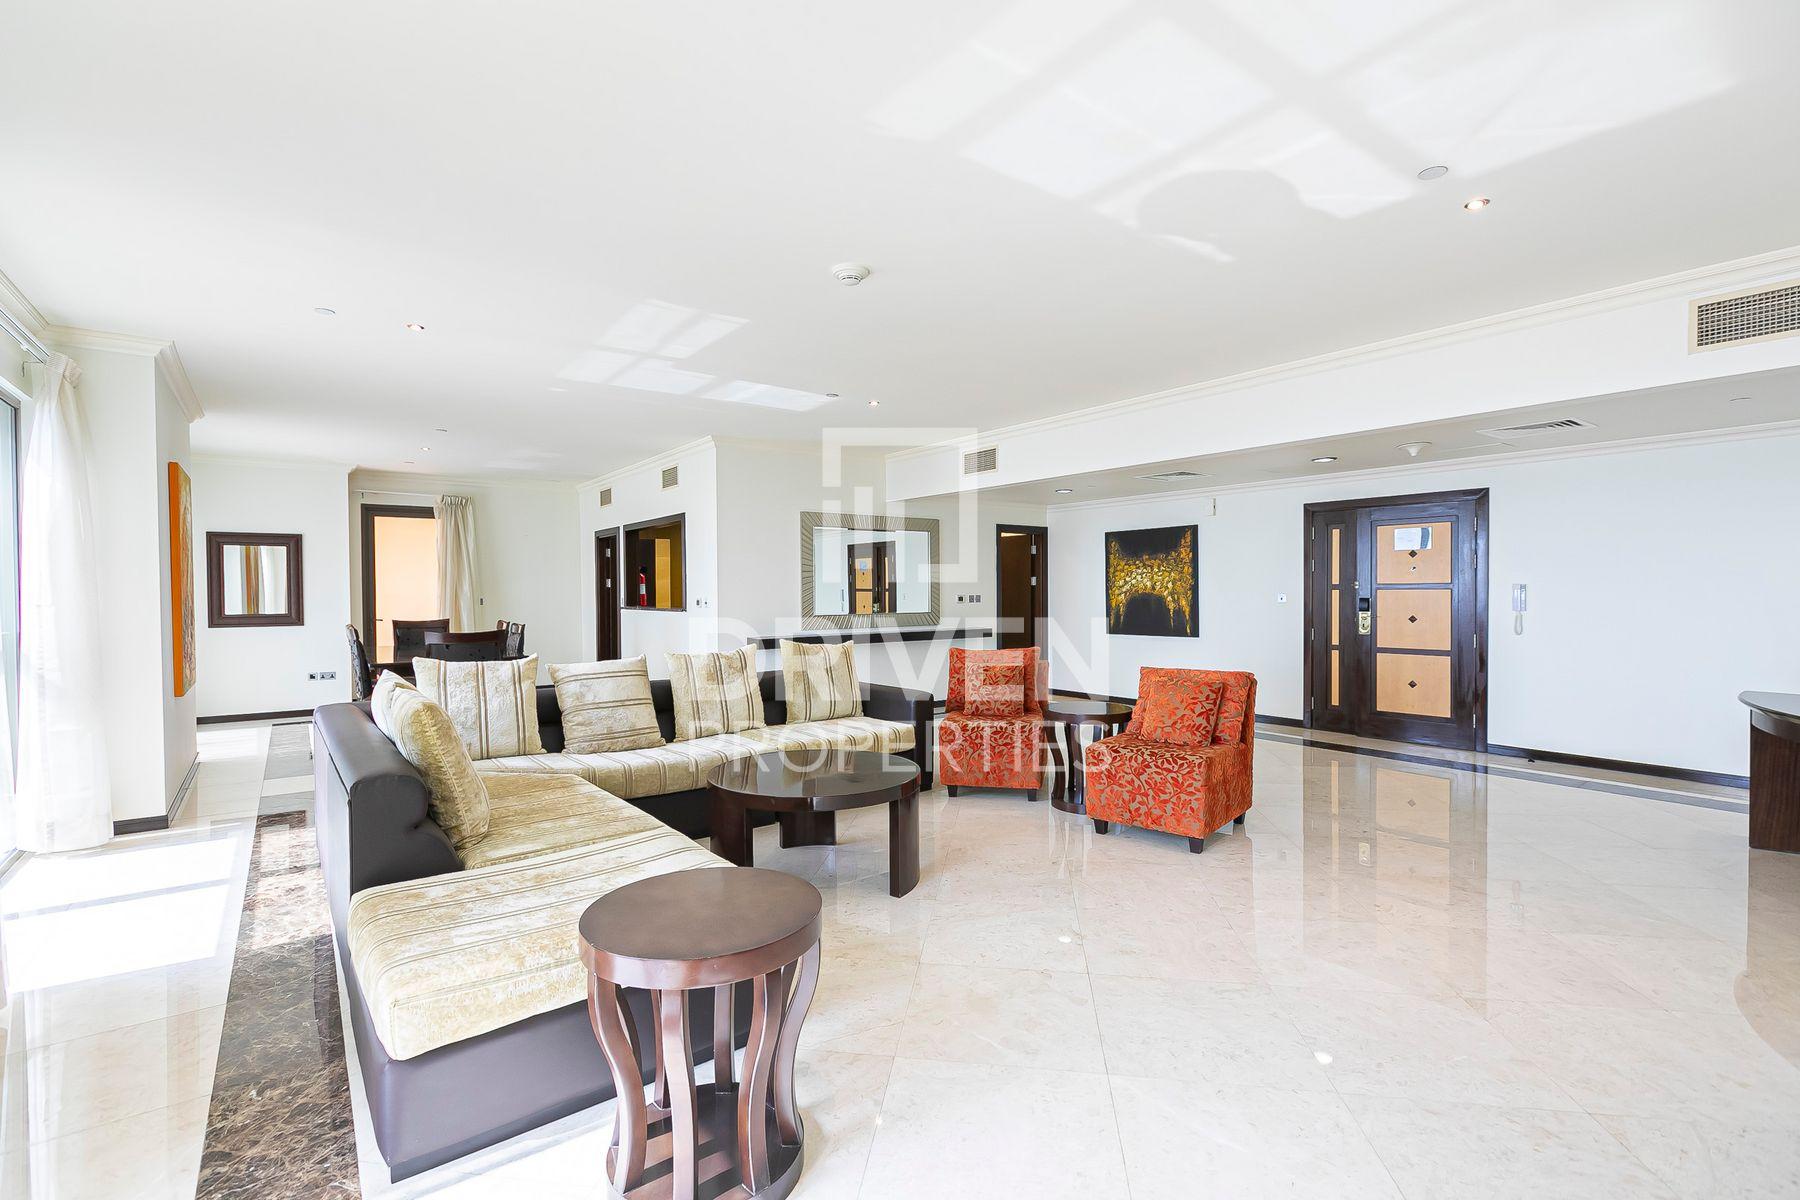 2,653 قدم مربع  شقة - للايجار - مساكن شاطئ الجميرا